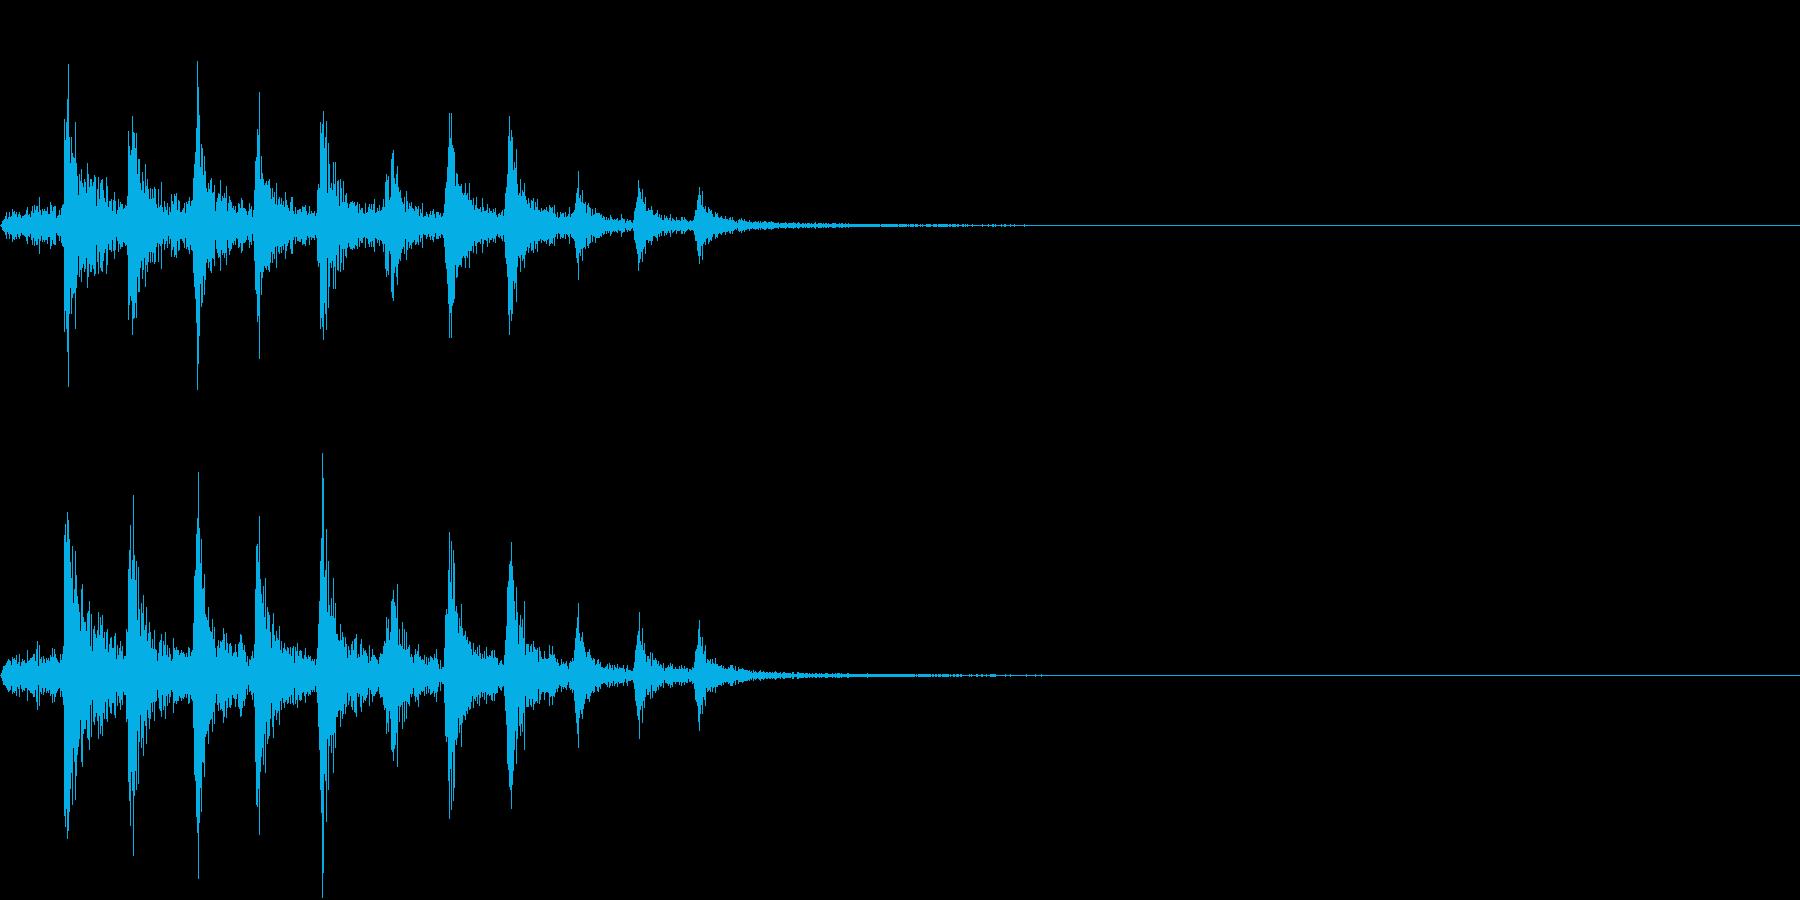 Bicycle 自転車のチェーンの音の再生済みの波形